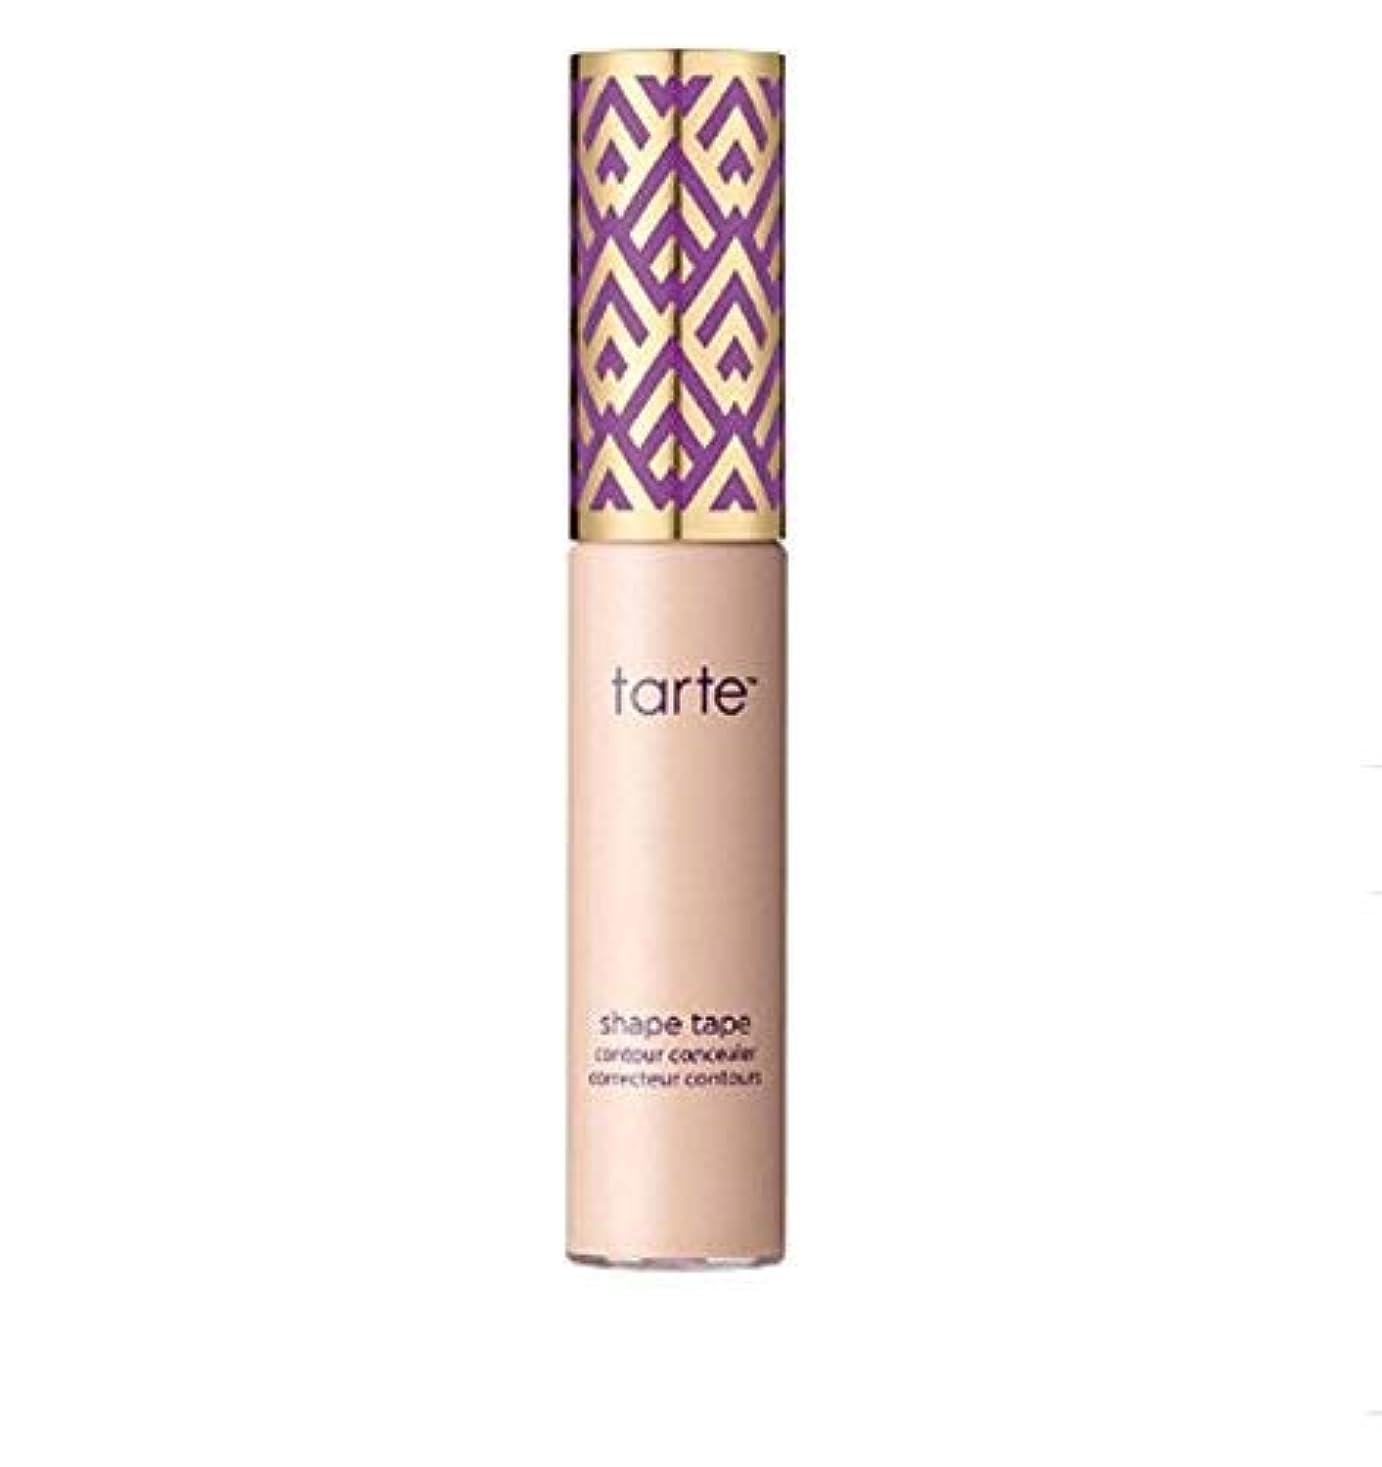 ライトニング鋼不健全TARTE Double Duty Beauty Shape Tape Contour Concealer - Light (light skin w/ pink undertones)